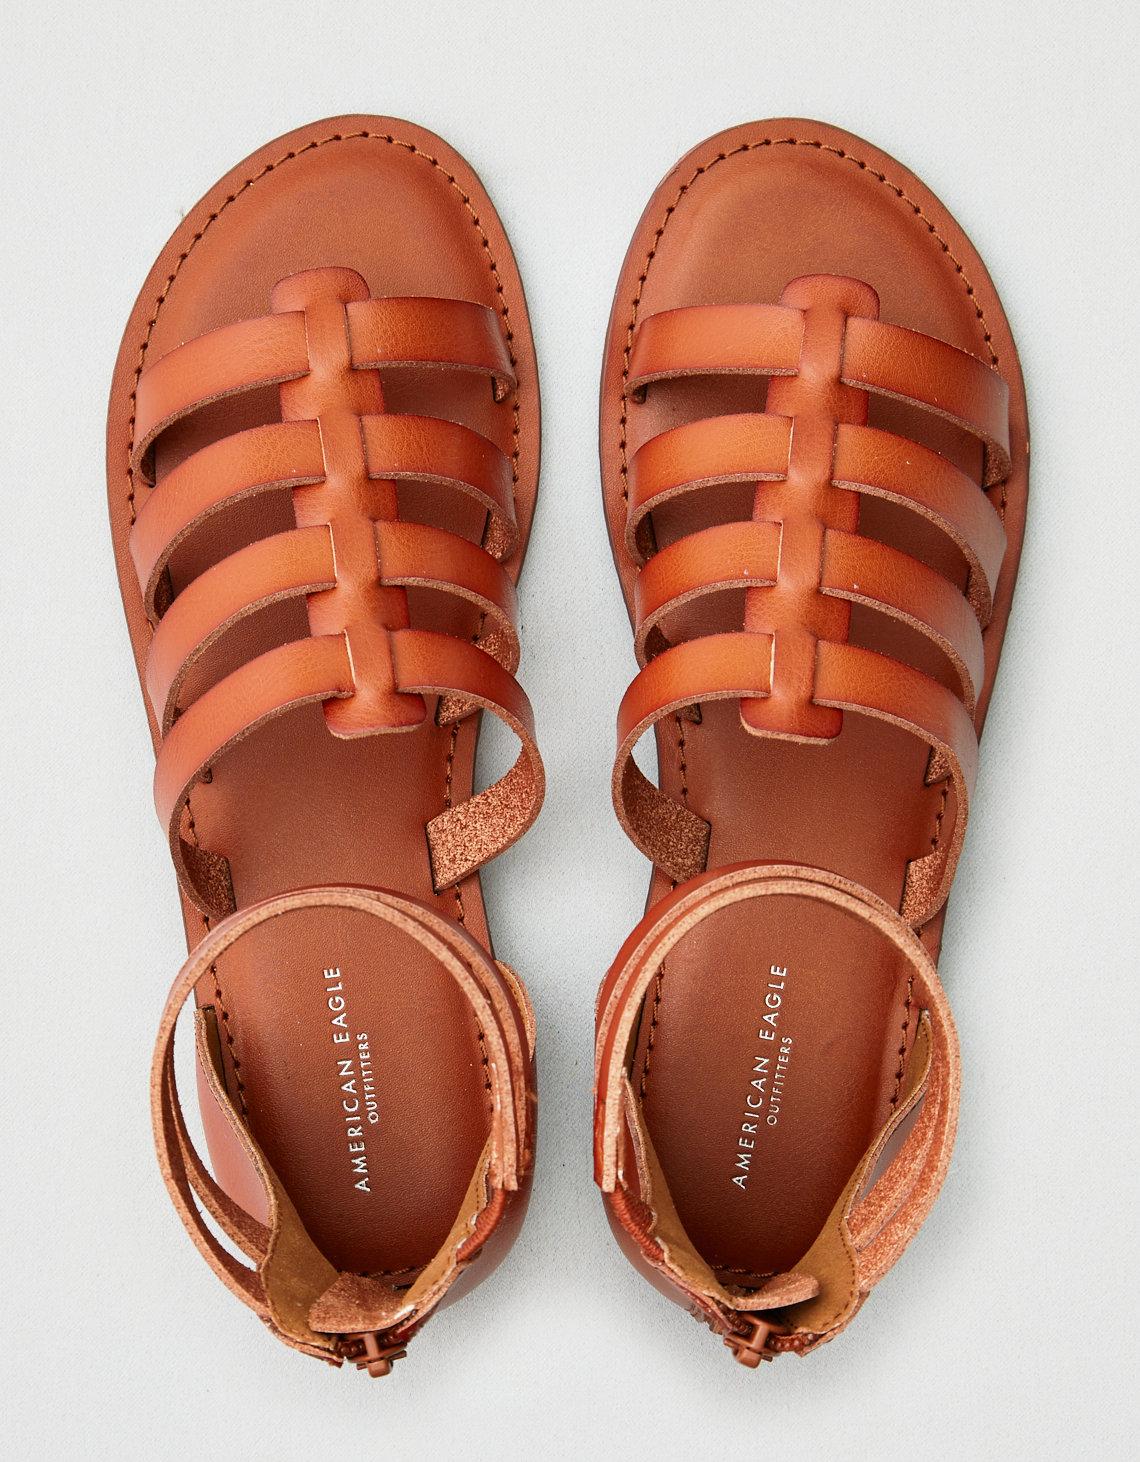 288ec4e153c3 AEO Gladiator Sandal. Placeholder image. Product Image